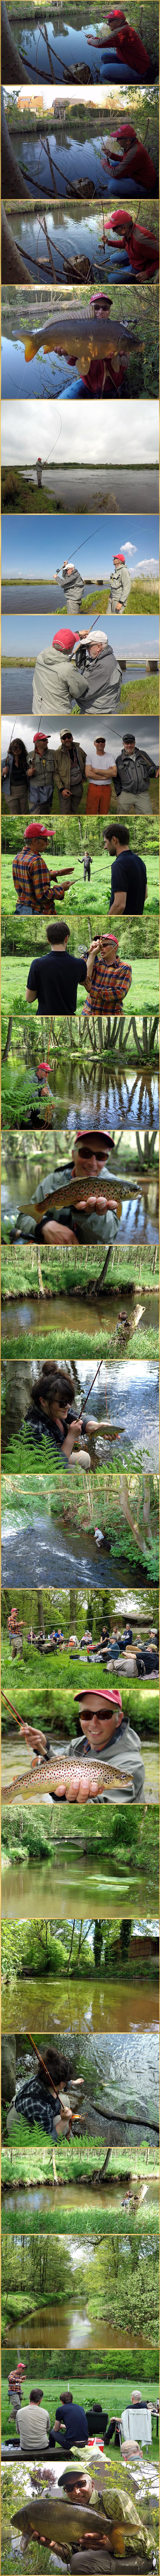 bernd-ziesche-fly-fishing-week